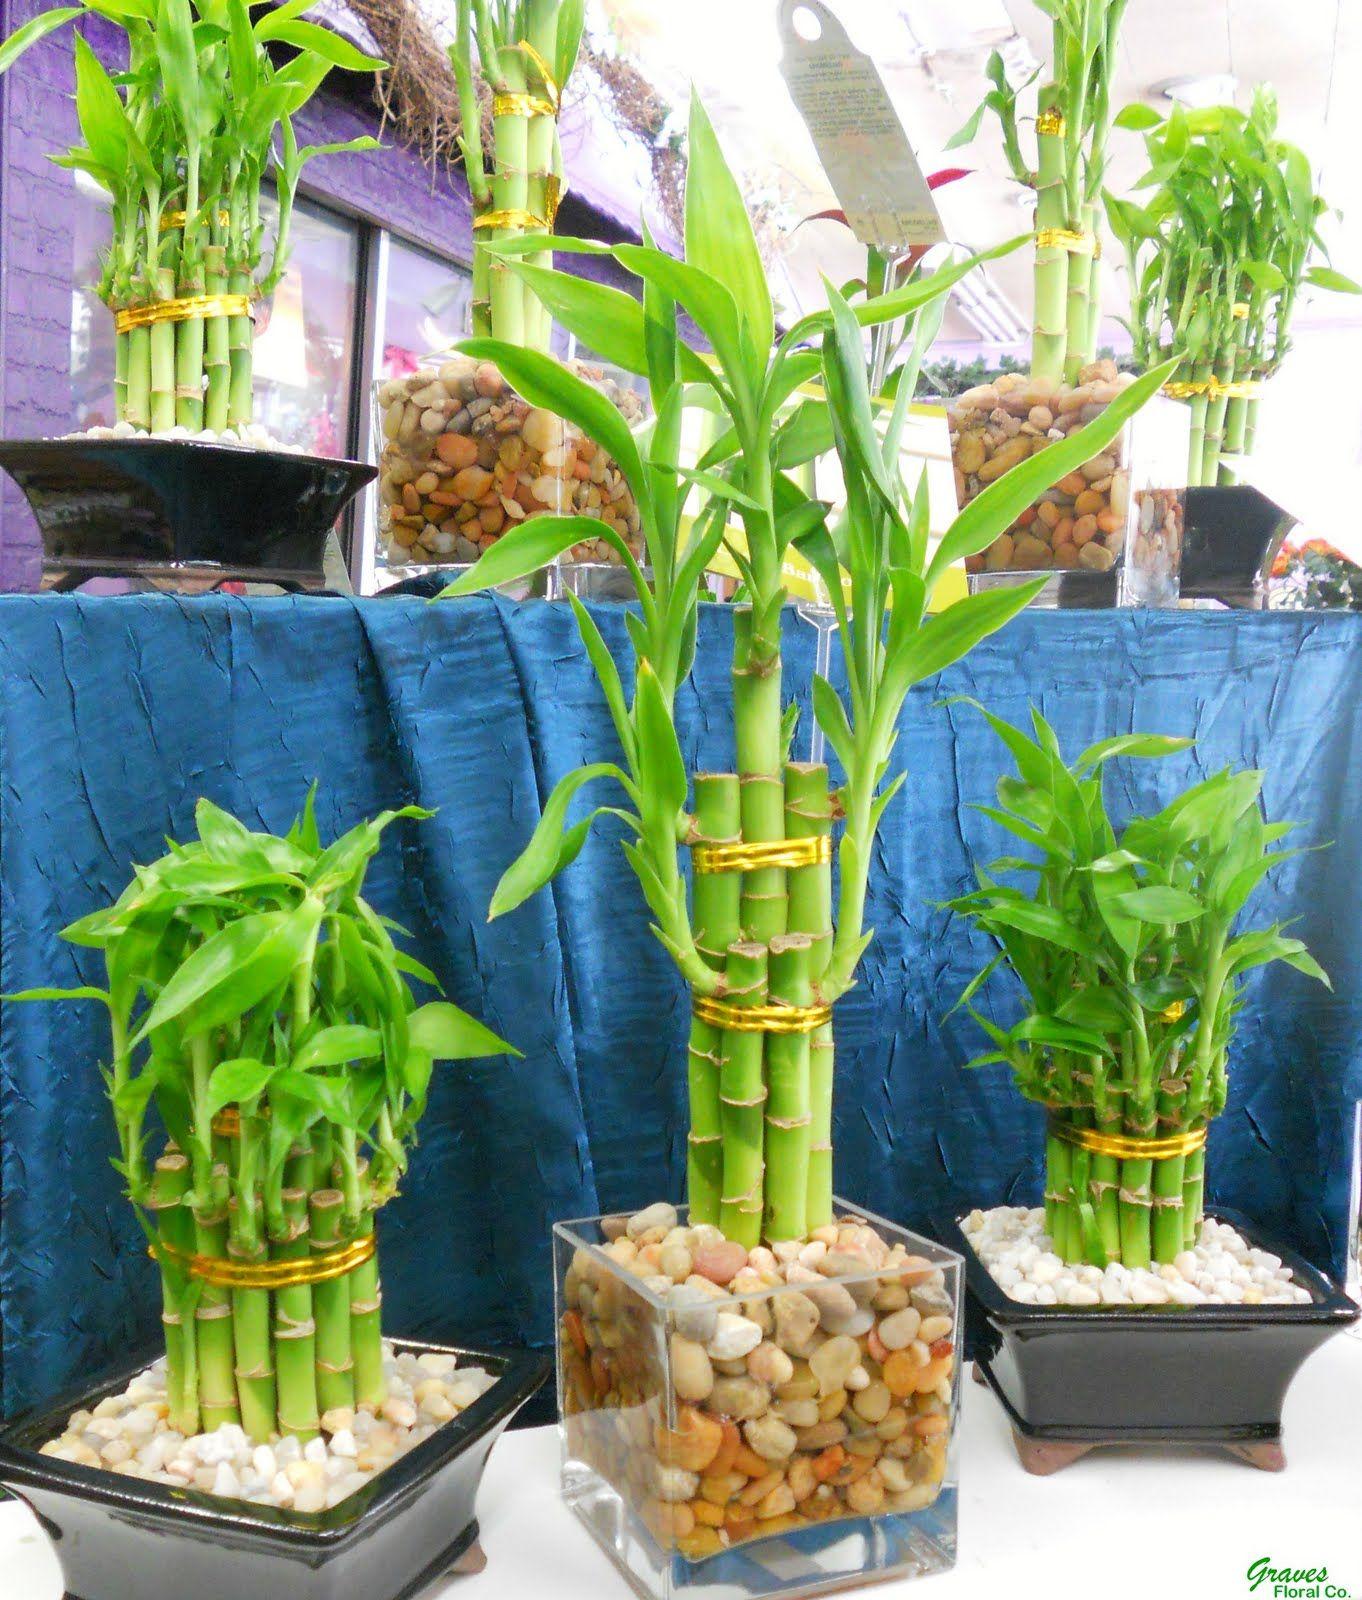 Lucky bamboo garden fun pinterest lucky bamboo spiral and lucky bamboo reviewsmspy